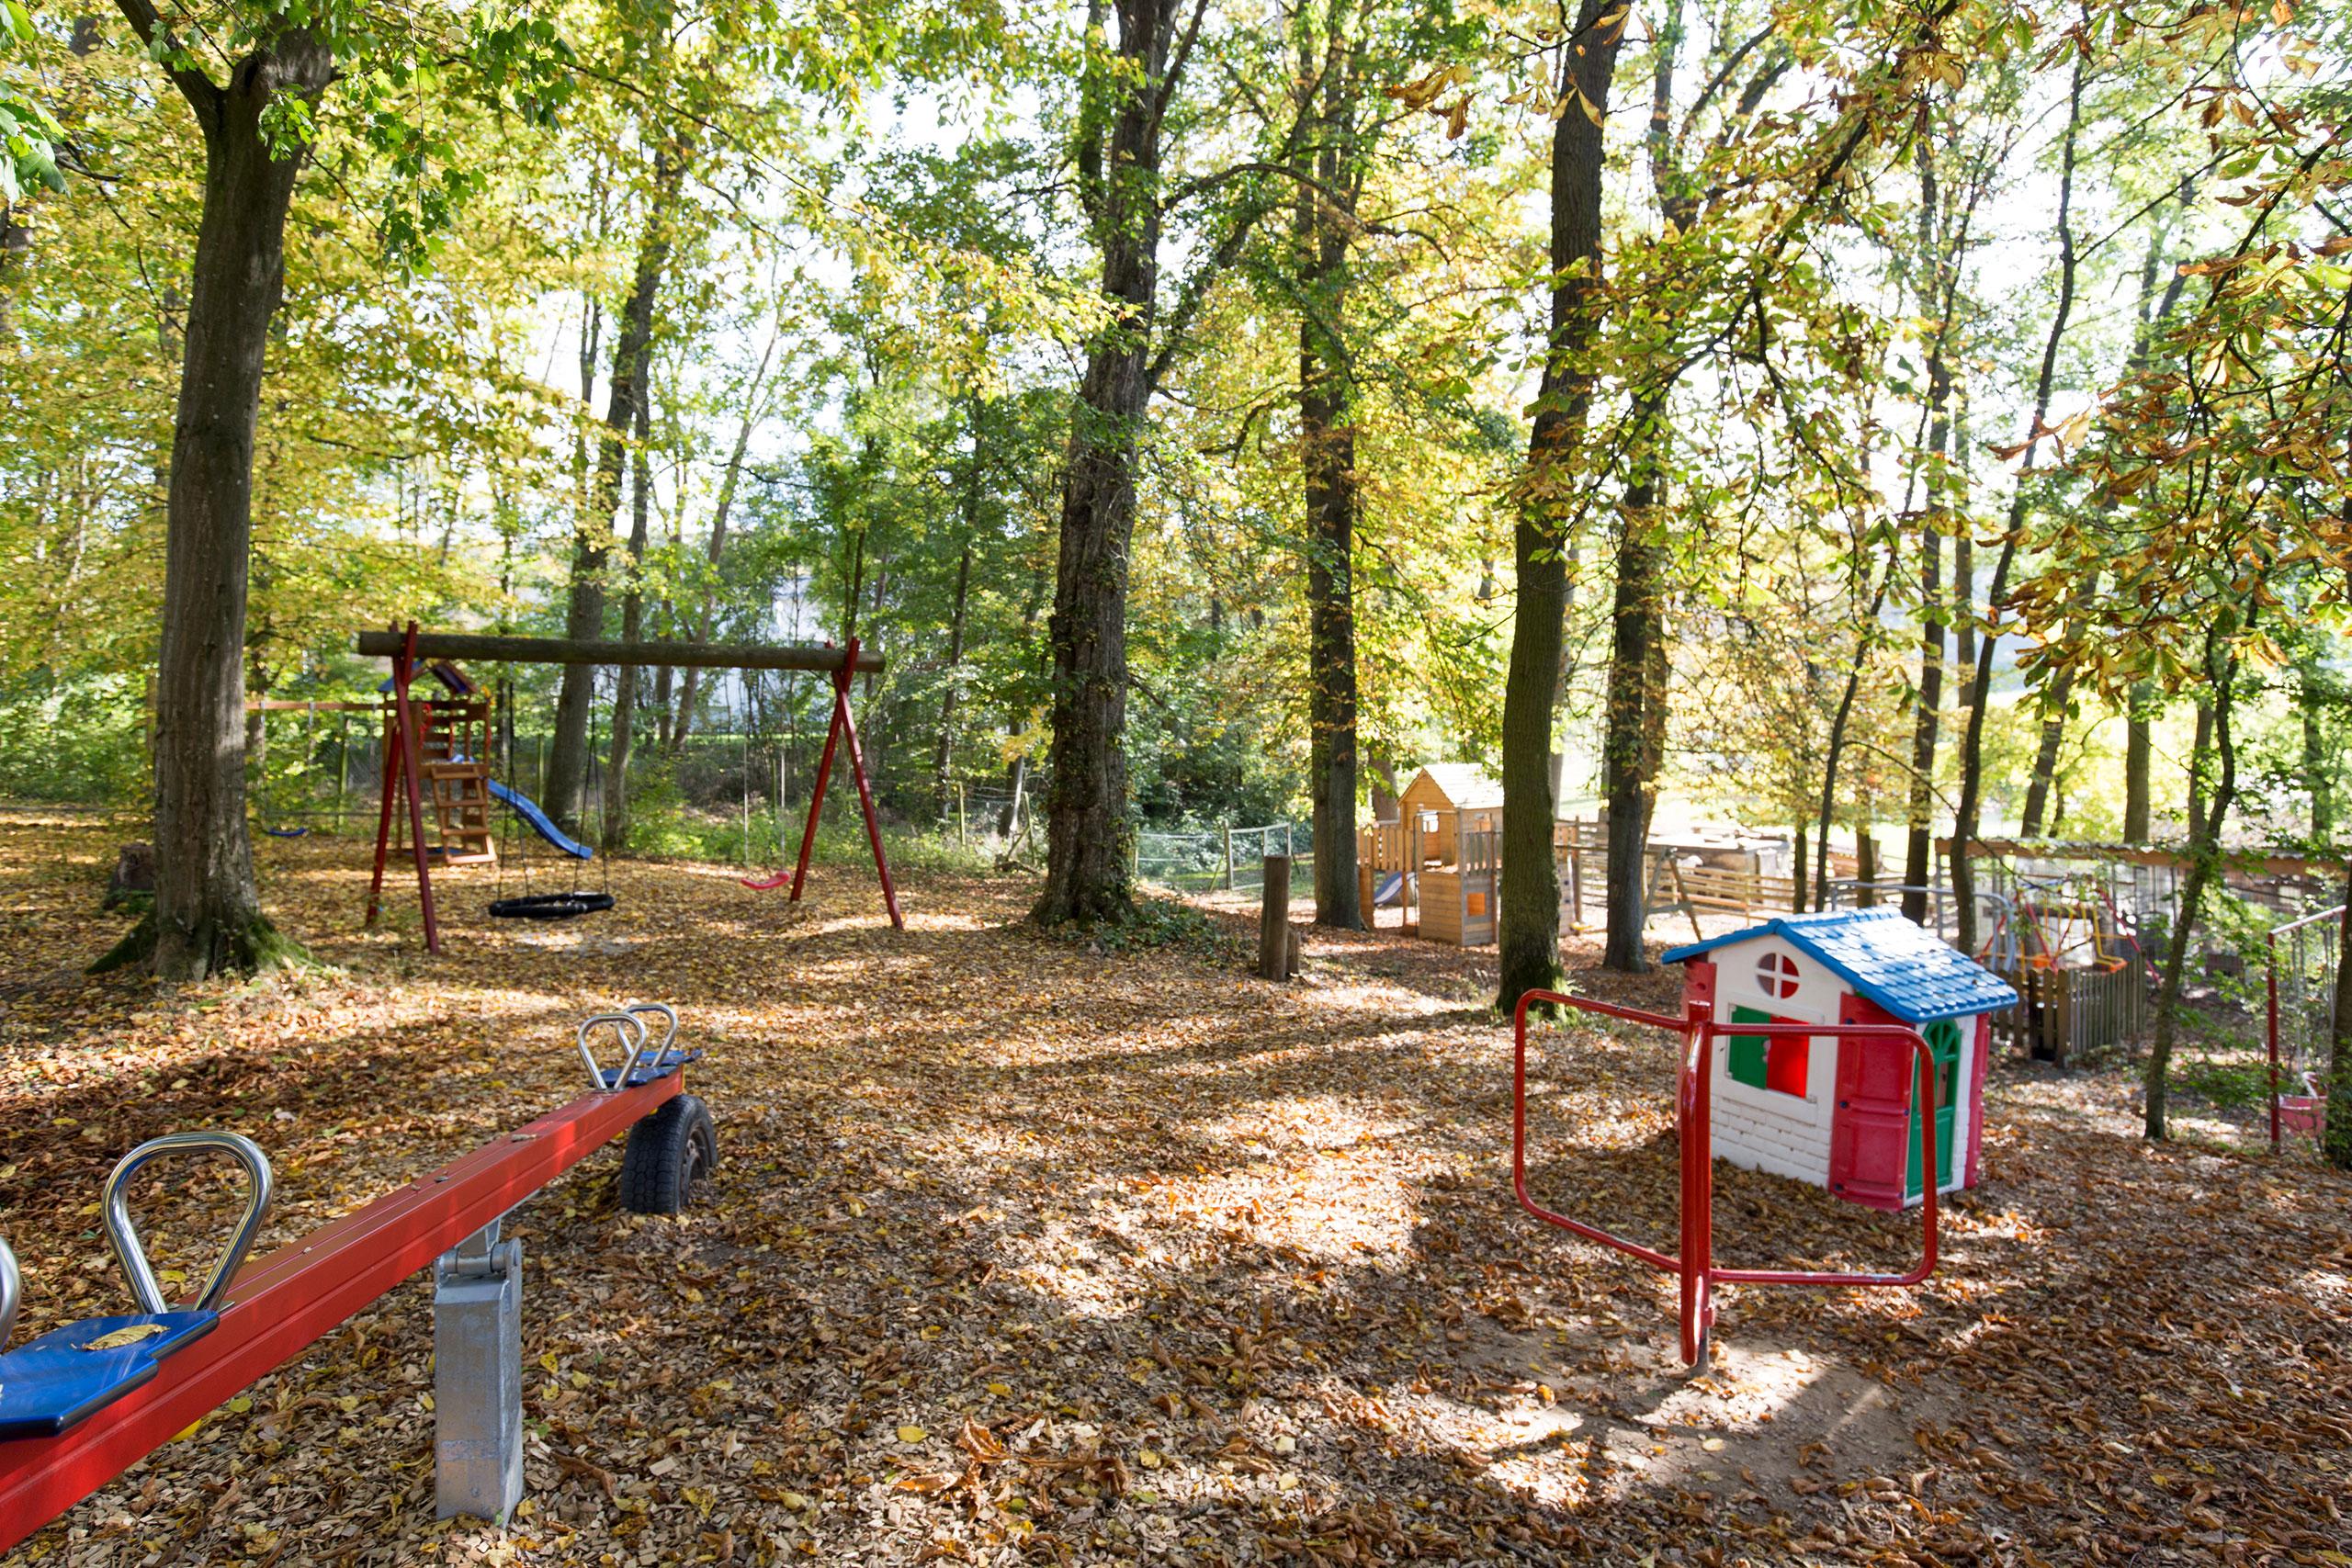 Wald Spielplatz